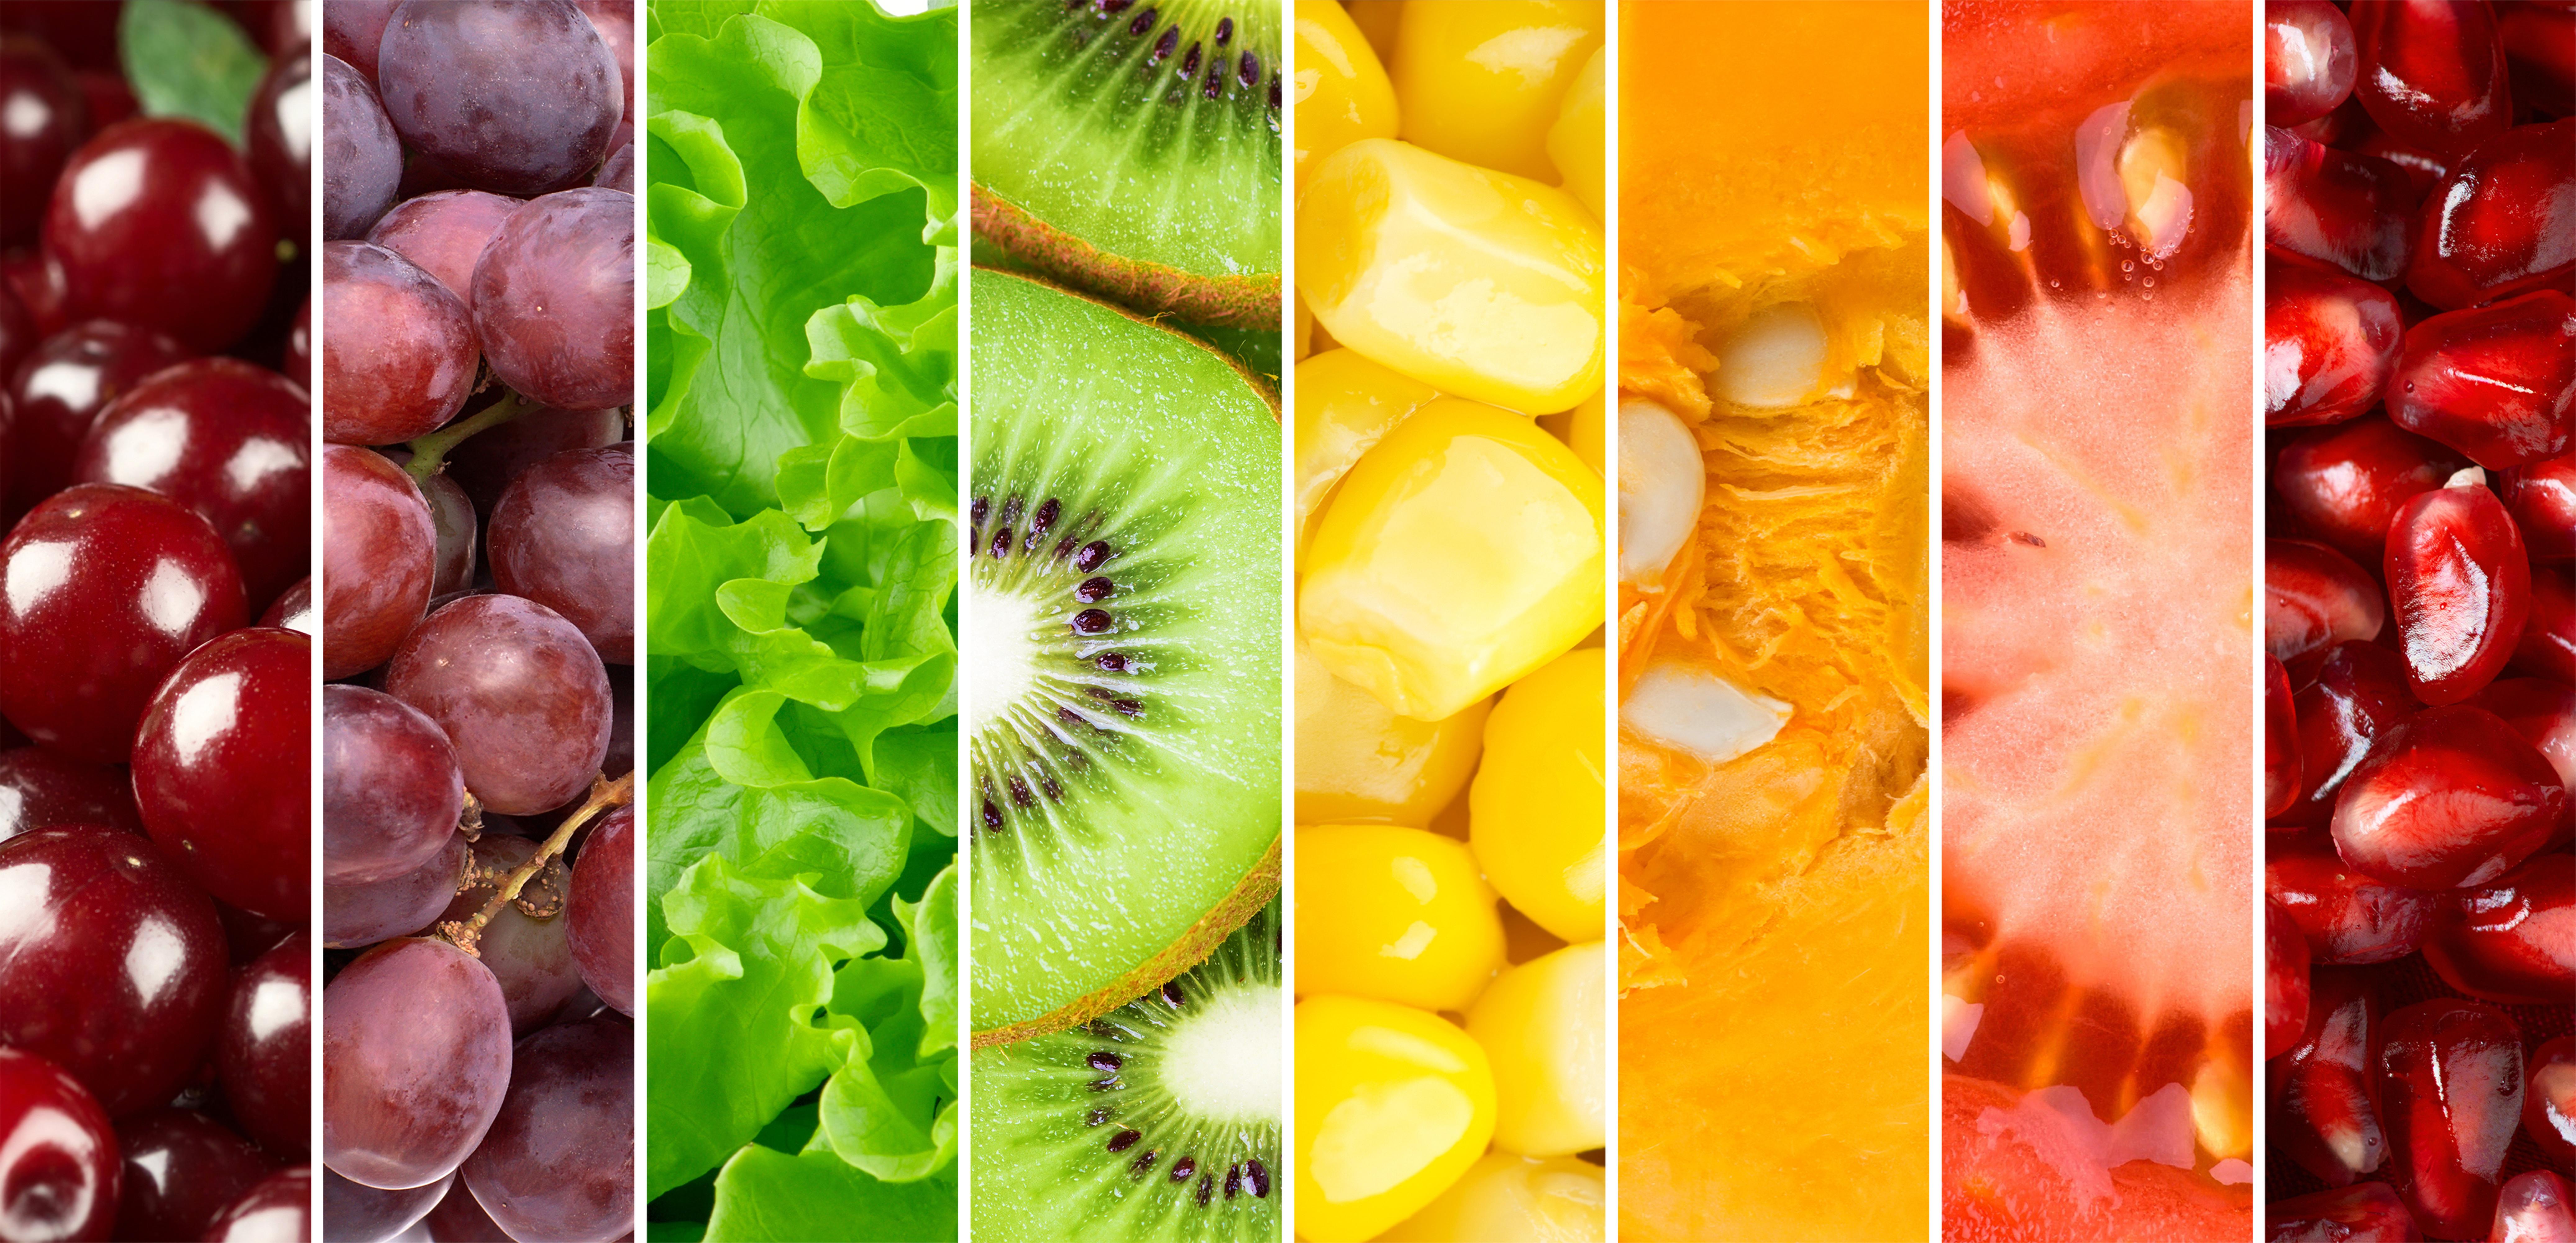 tomate rinon y acido urico diagnostico acido urico alto el apio es malo para la gota